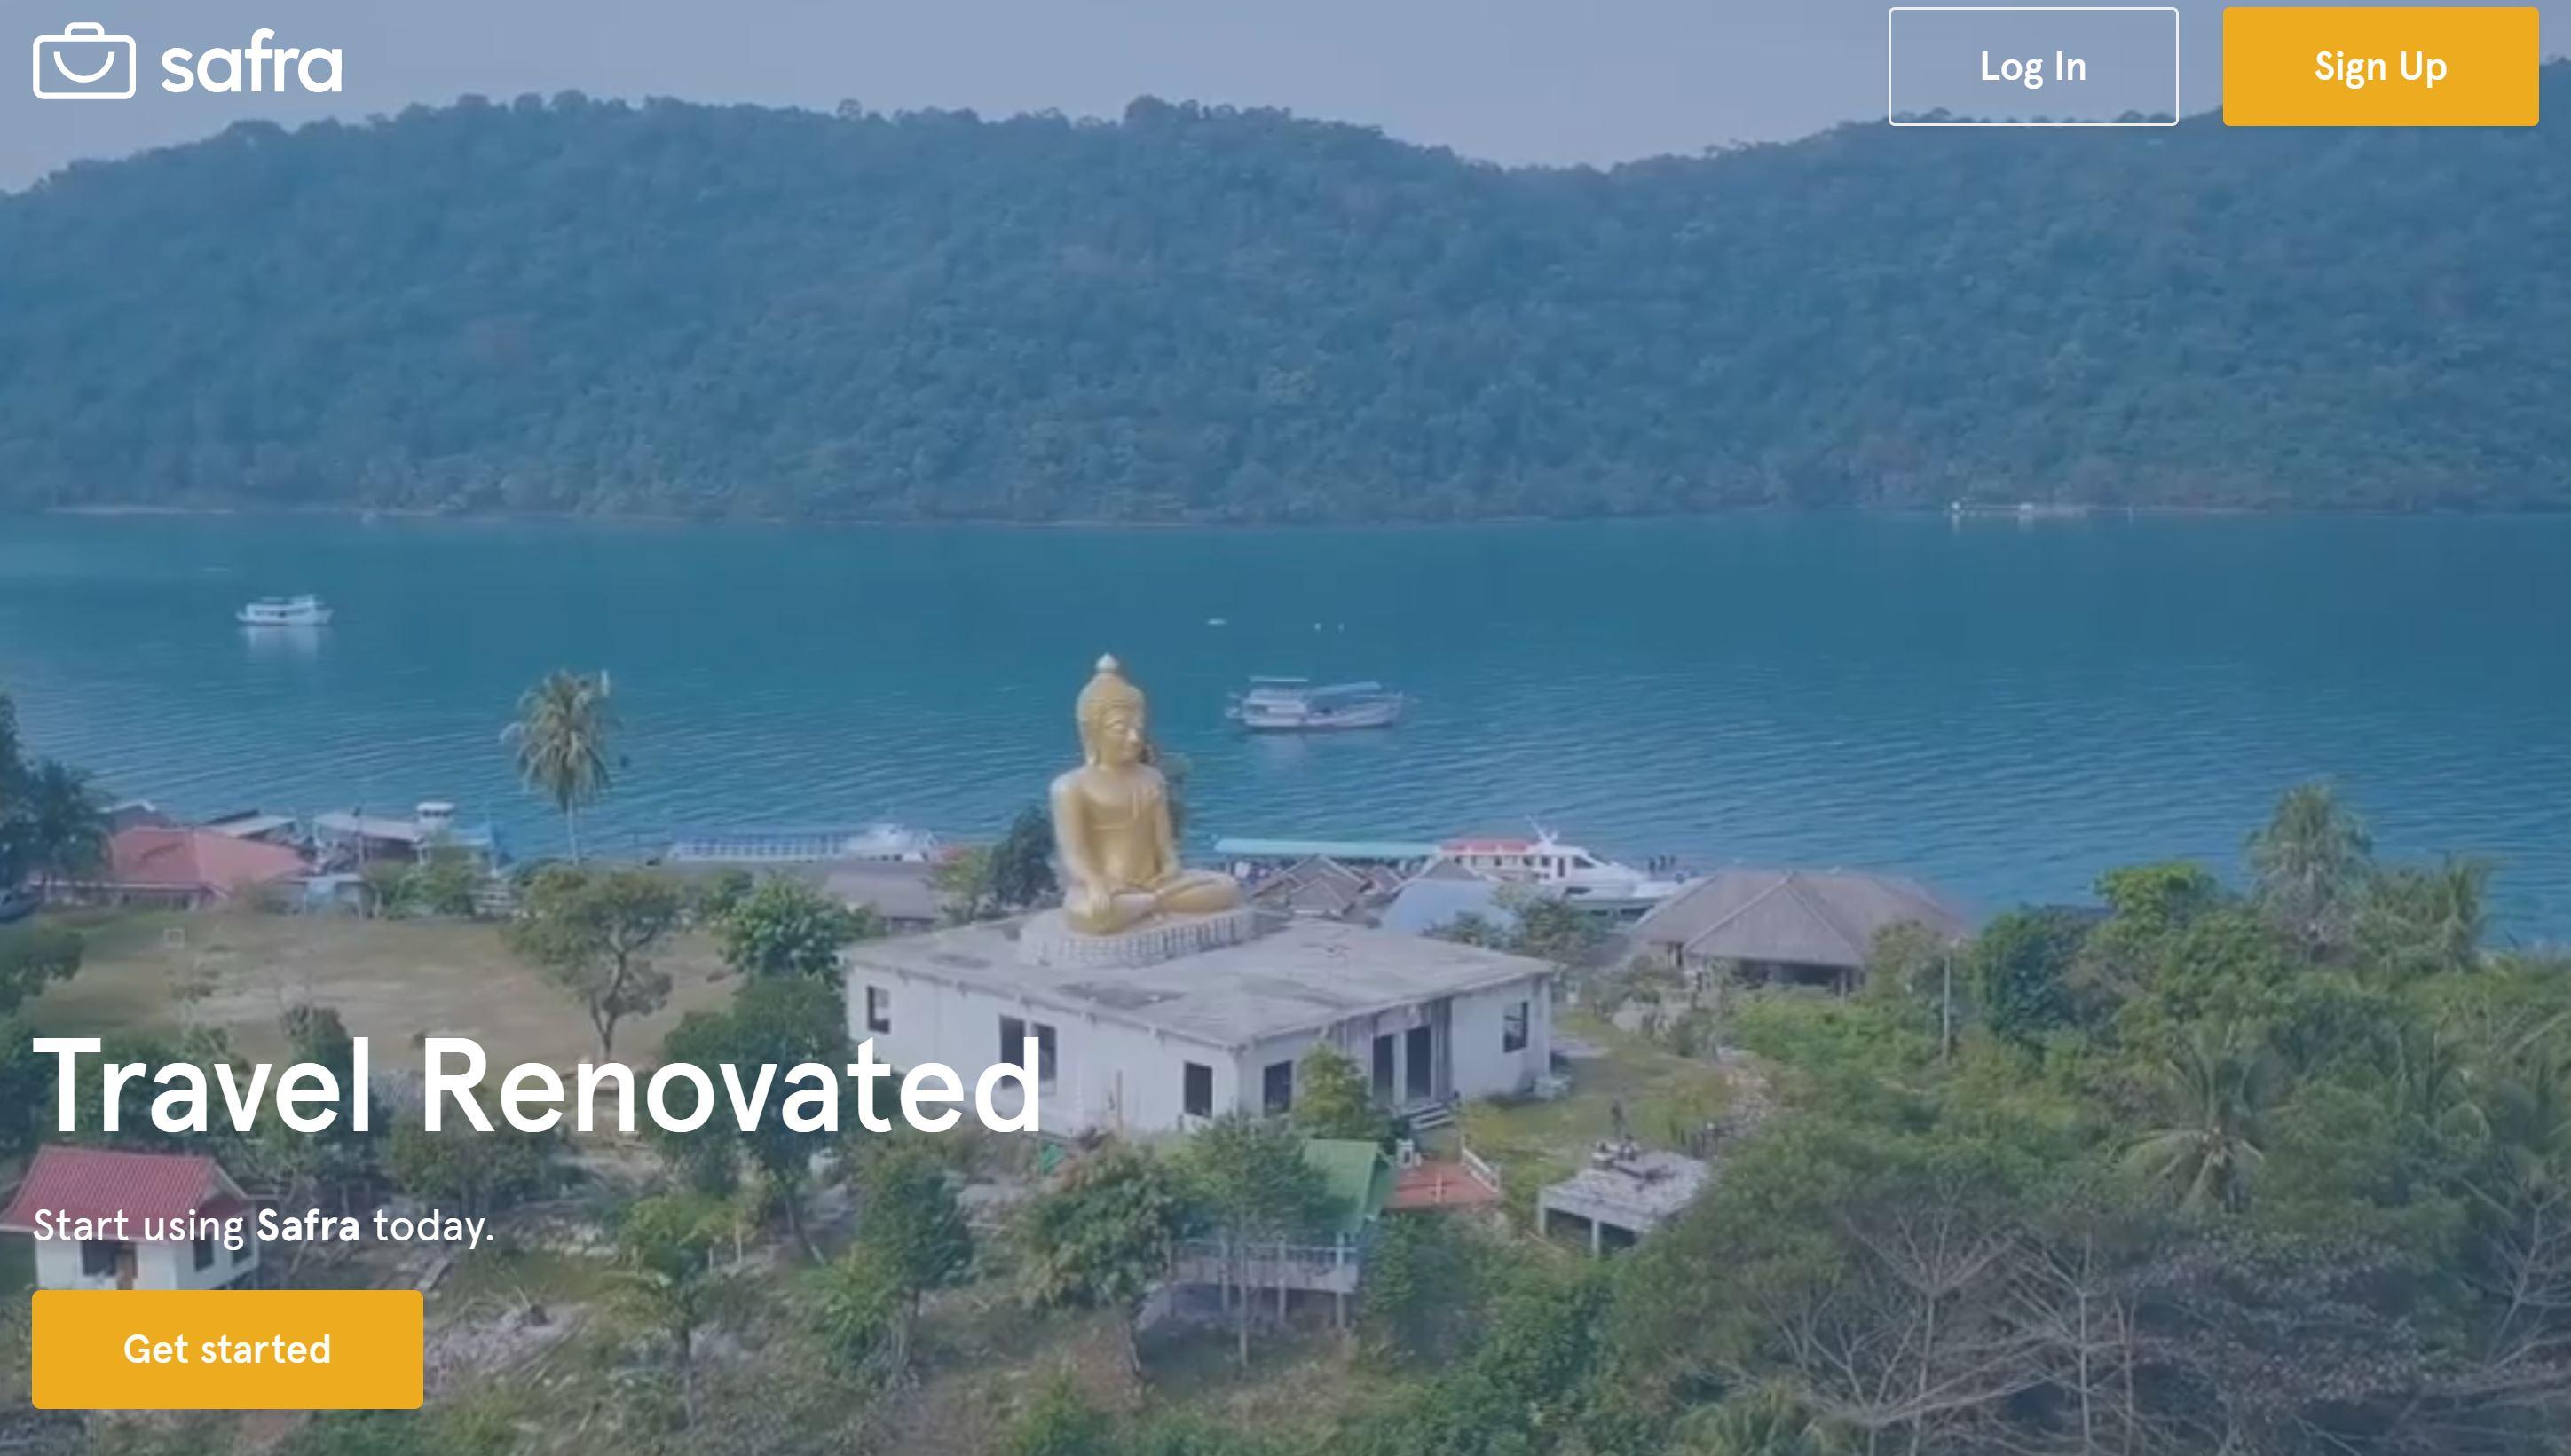 """صندوق ابتكار للاستثمار يعلن عن استثماره في شركة """"سفرة"""""""